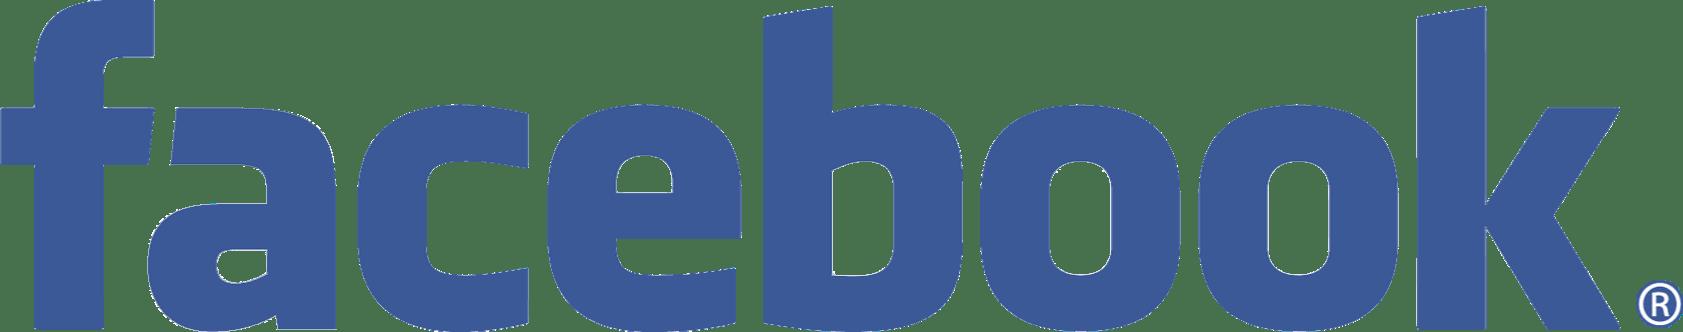 Como-copiar-o-link-de-uma-publicação-pelo-aplicativo-do-Facebook-Melo-Moreira-Advogados